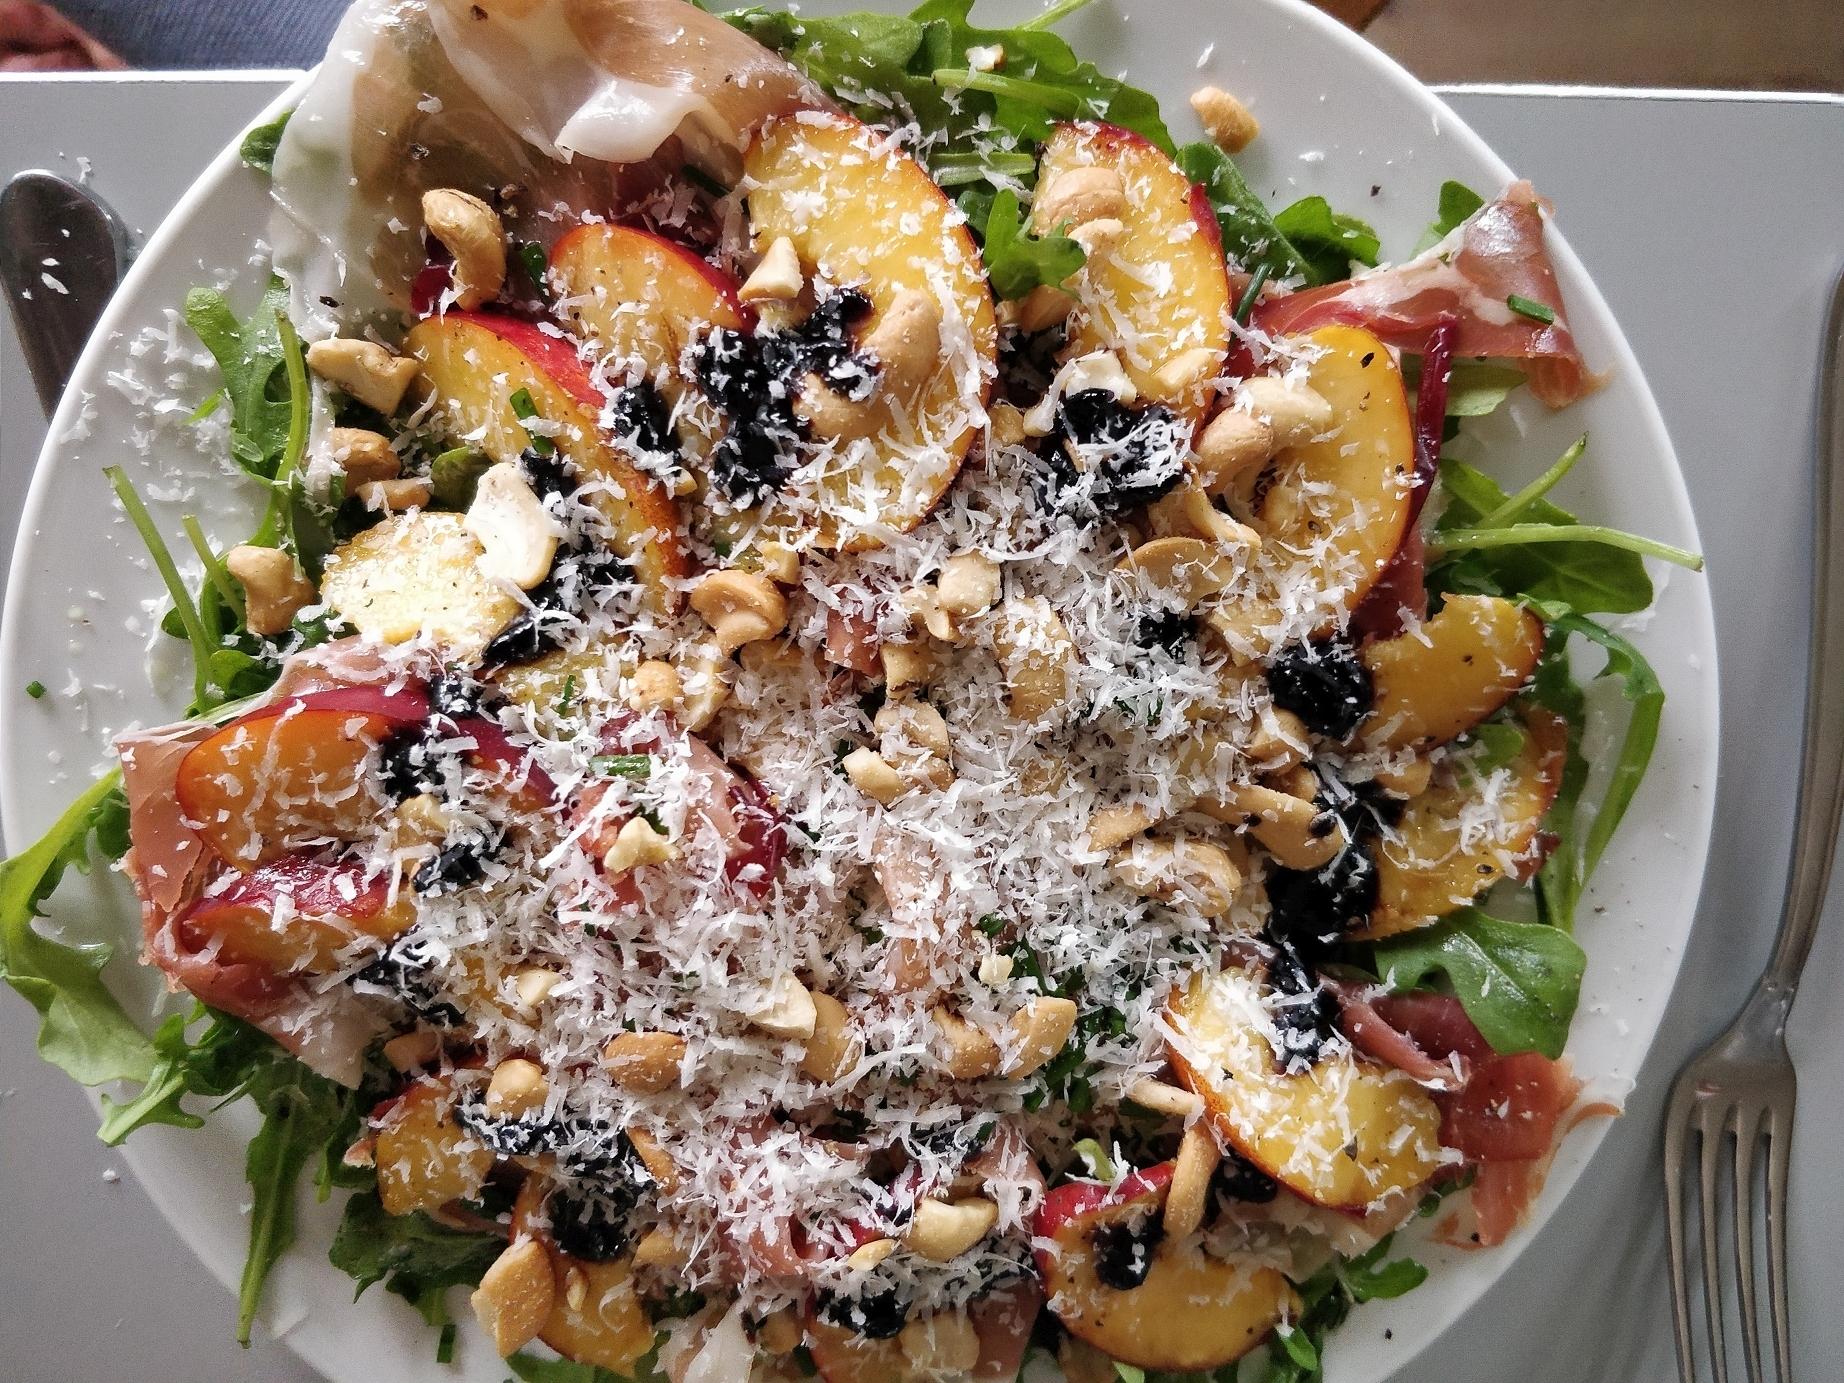 Dejligt nem og let sommermad - spansk tapas inpireret. antipasto salat, parmasan og nektariner